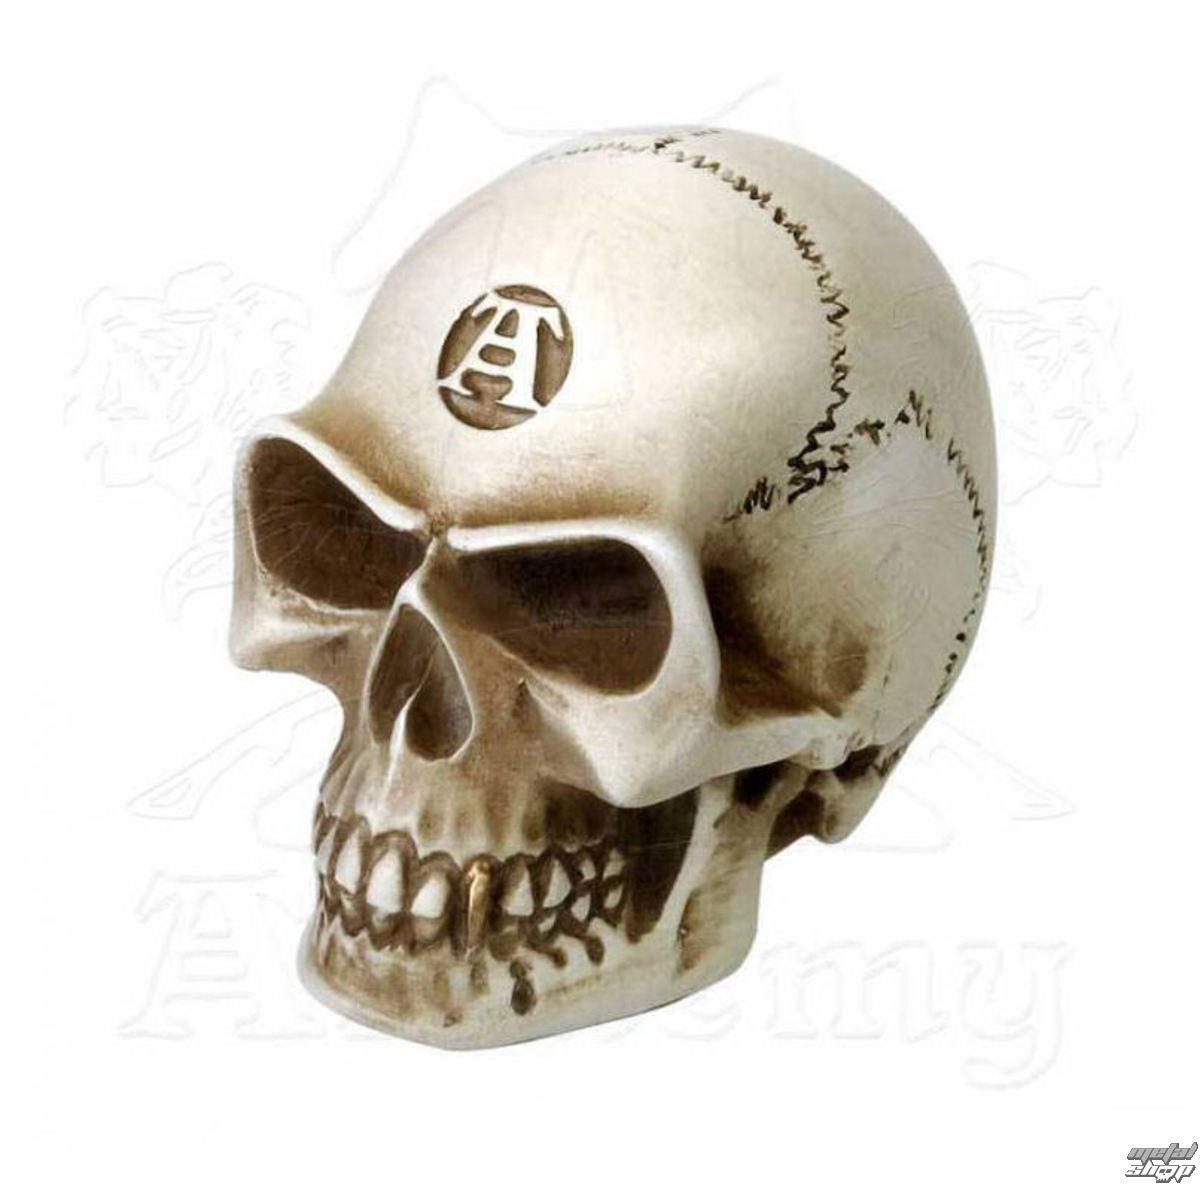 dekorace (hlavice řadicí páky) ALCHEMY GOTHIC - Alchemist Gear Knob: Bone - V40